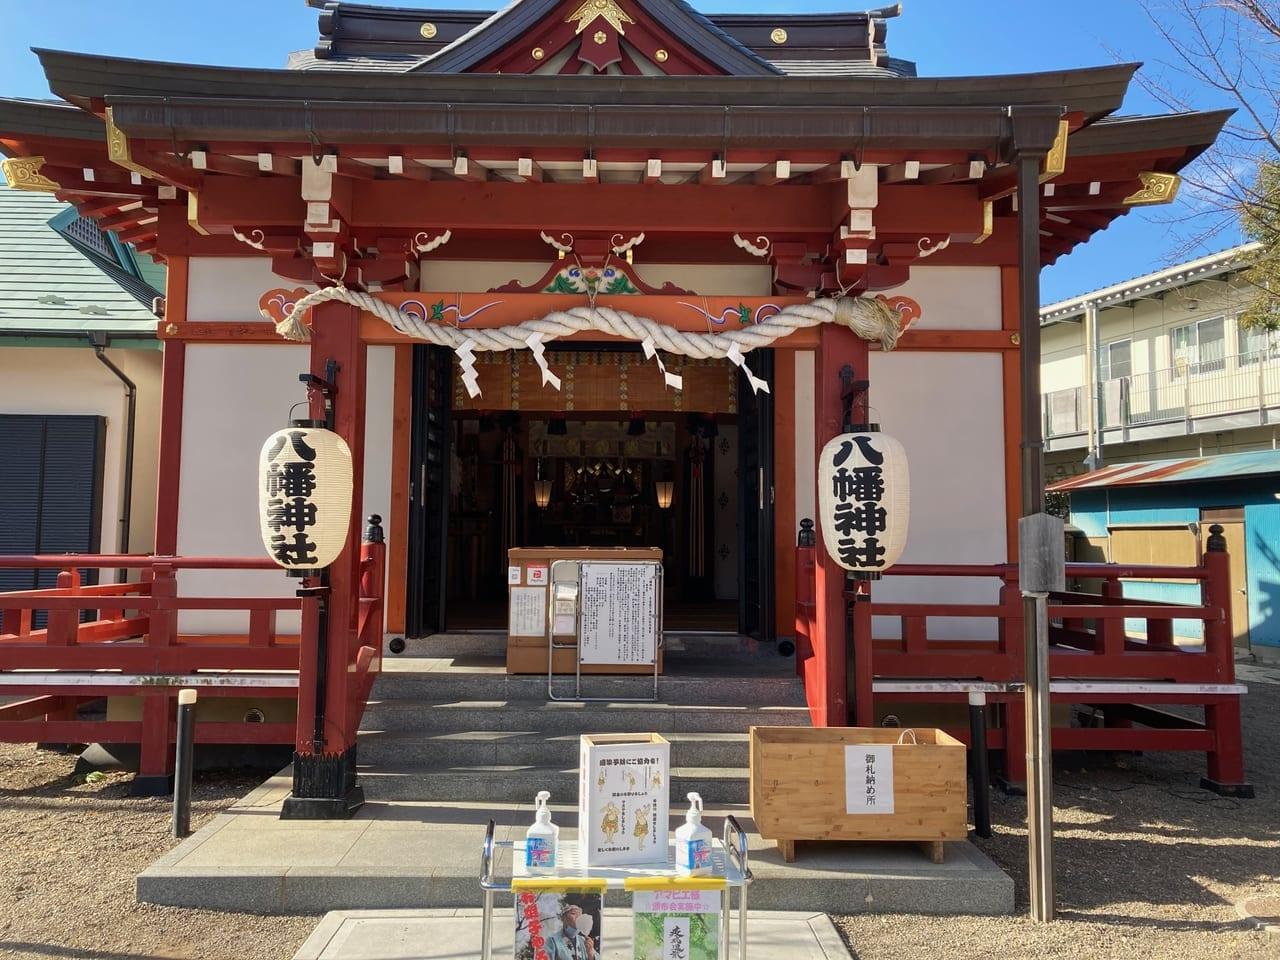 お賽銭がPayPayで払えるってホント?!本町八幡神社で分散初詣で実際に利用してみました。